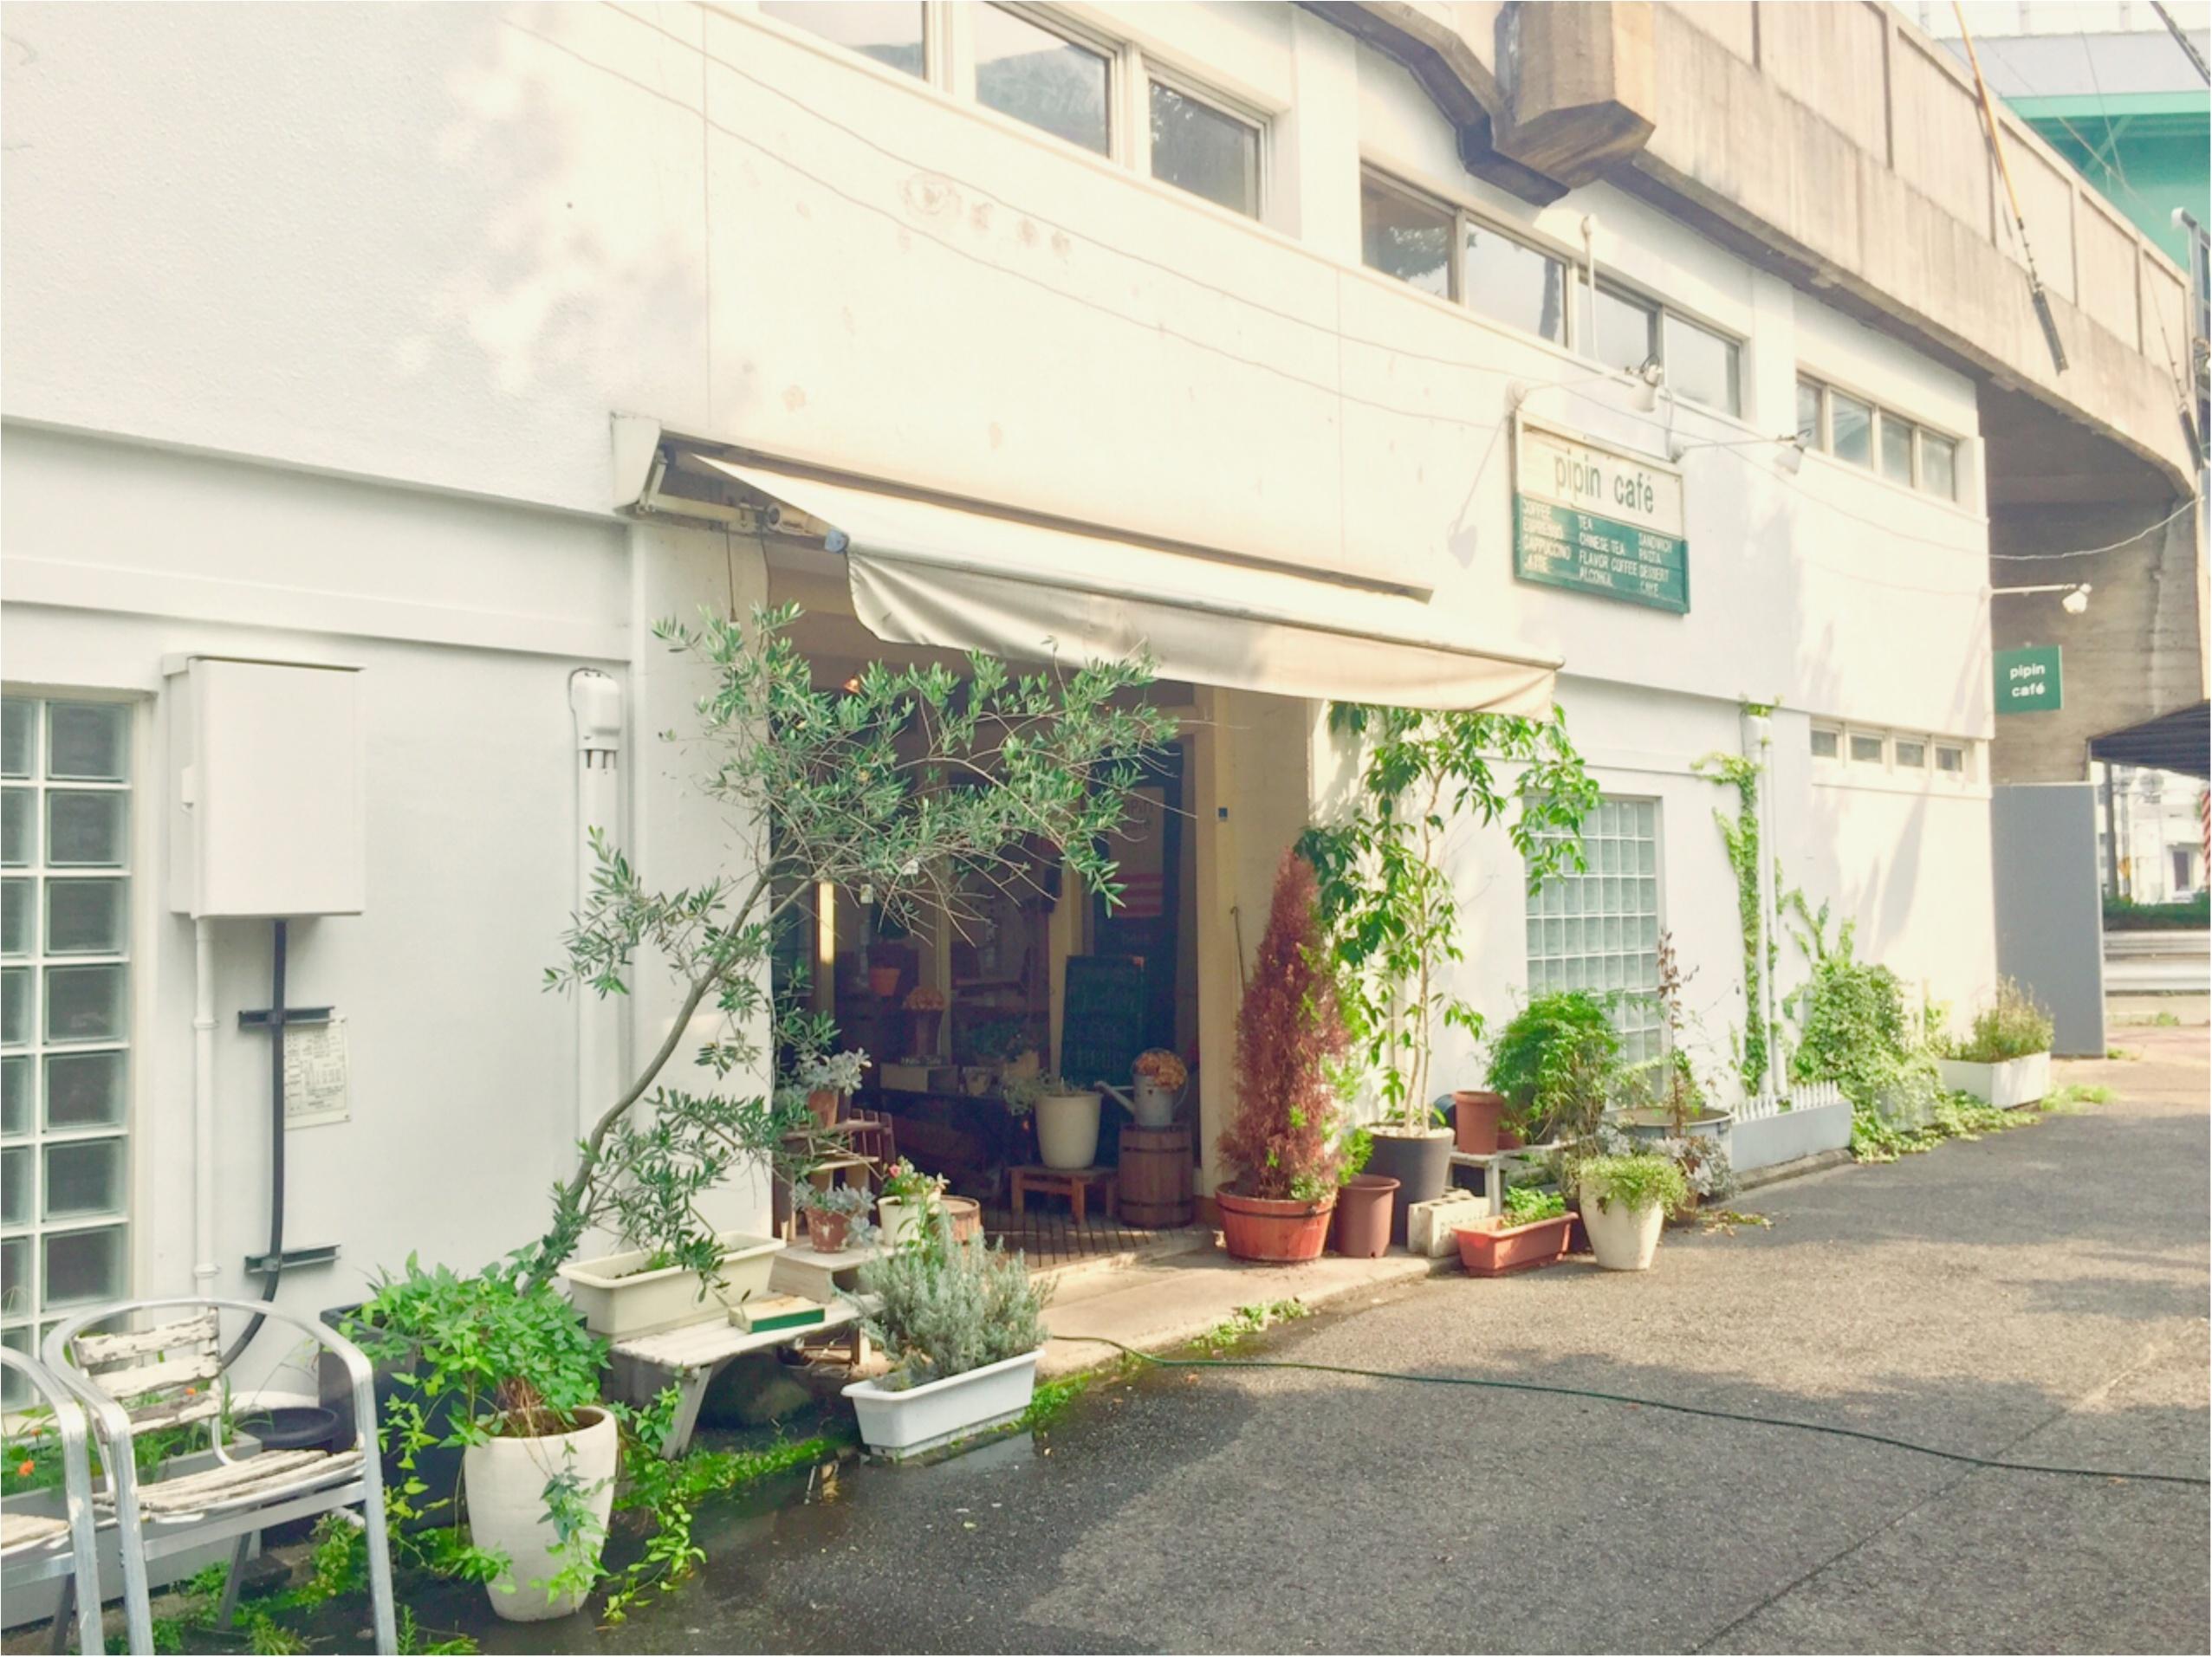 ポケモンの聖地⁉モンスターボールの形をした【名古屋の鶴舞公園】近くのおしゃれカフェ♡_3